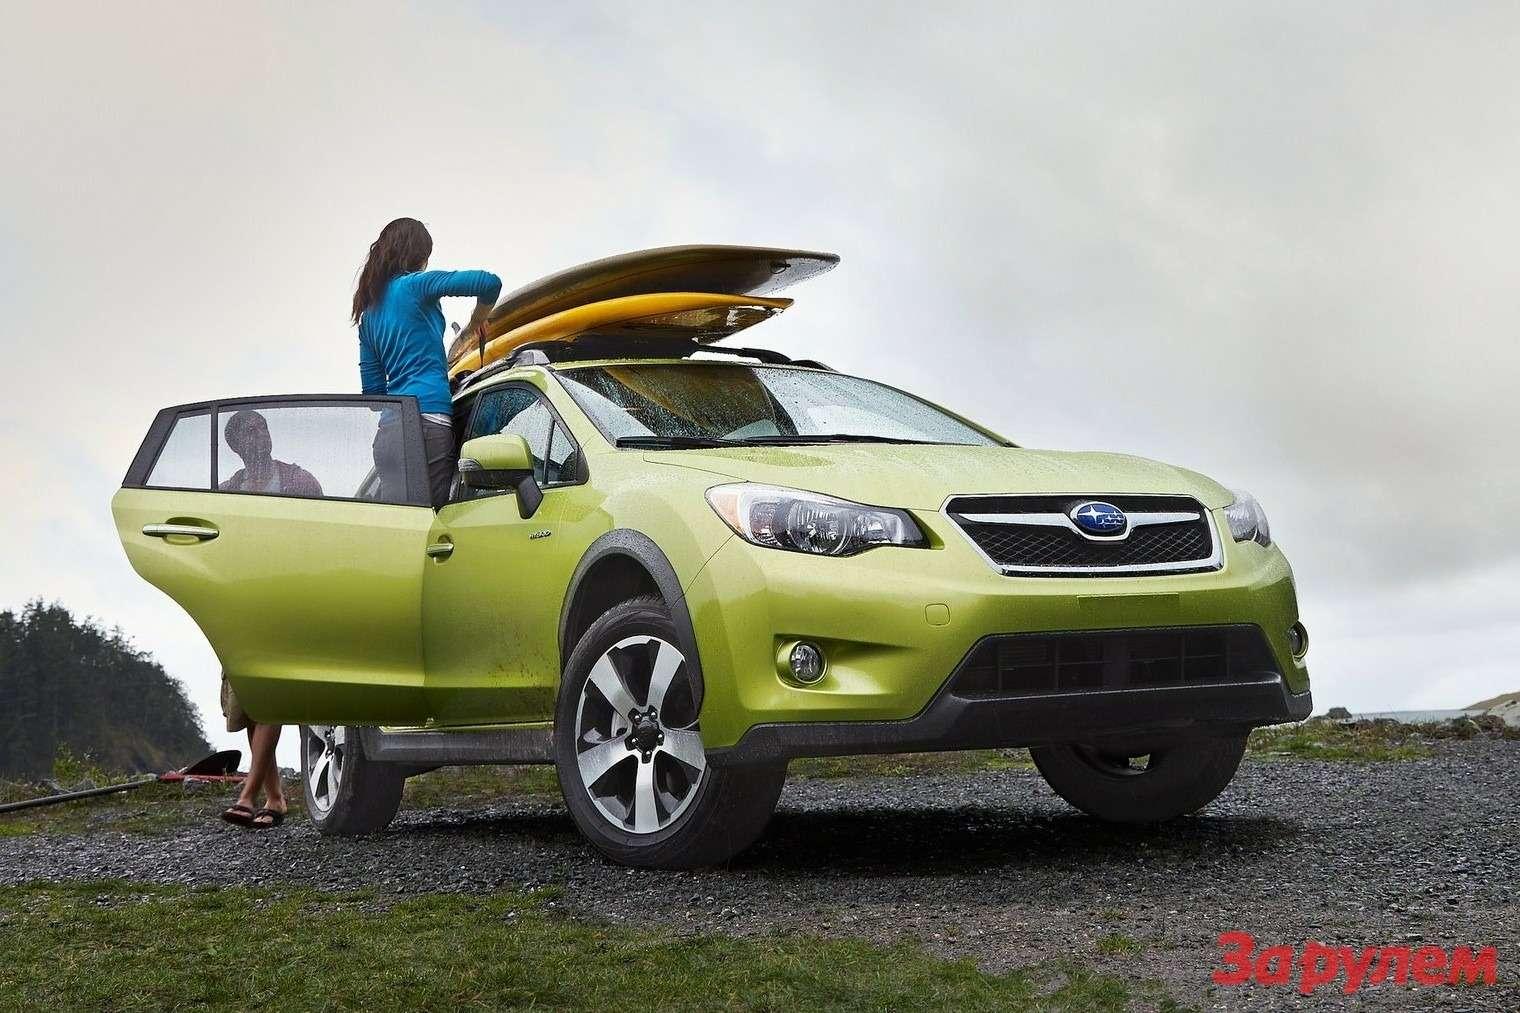 Subaru XVCrosstrek Hybrid 2014 1600x1200 wallpaper 02